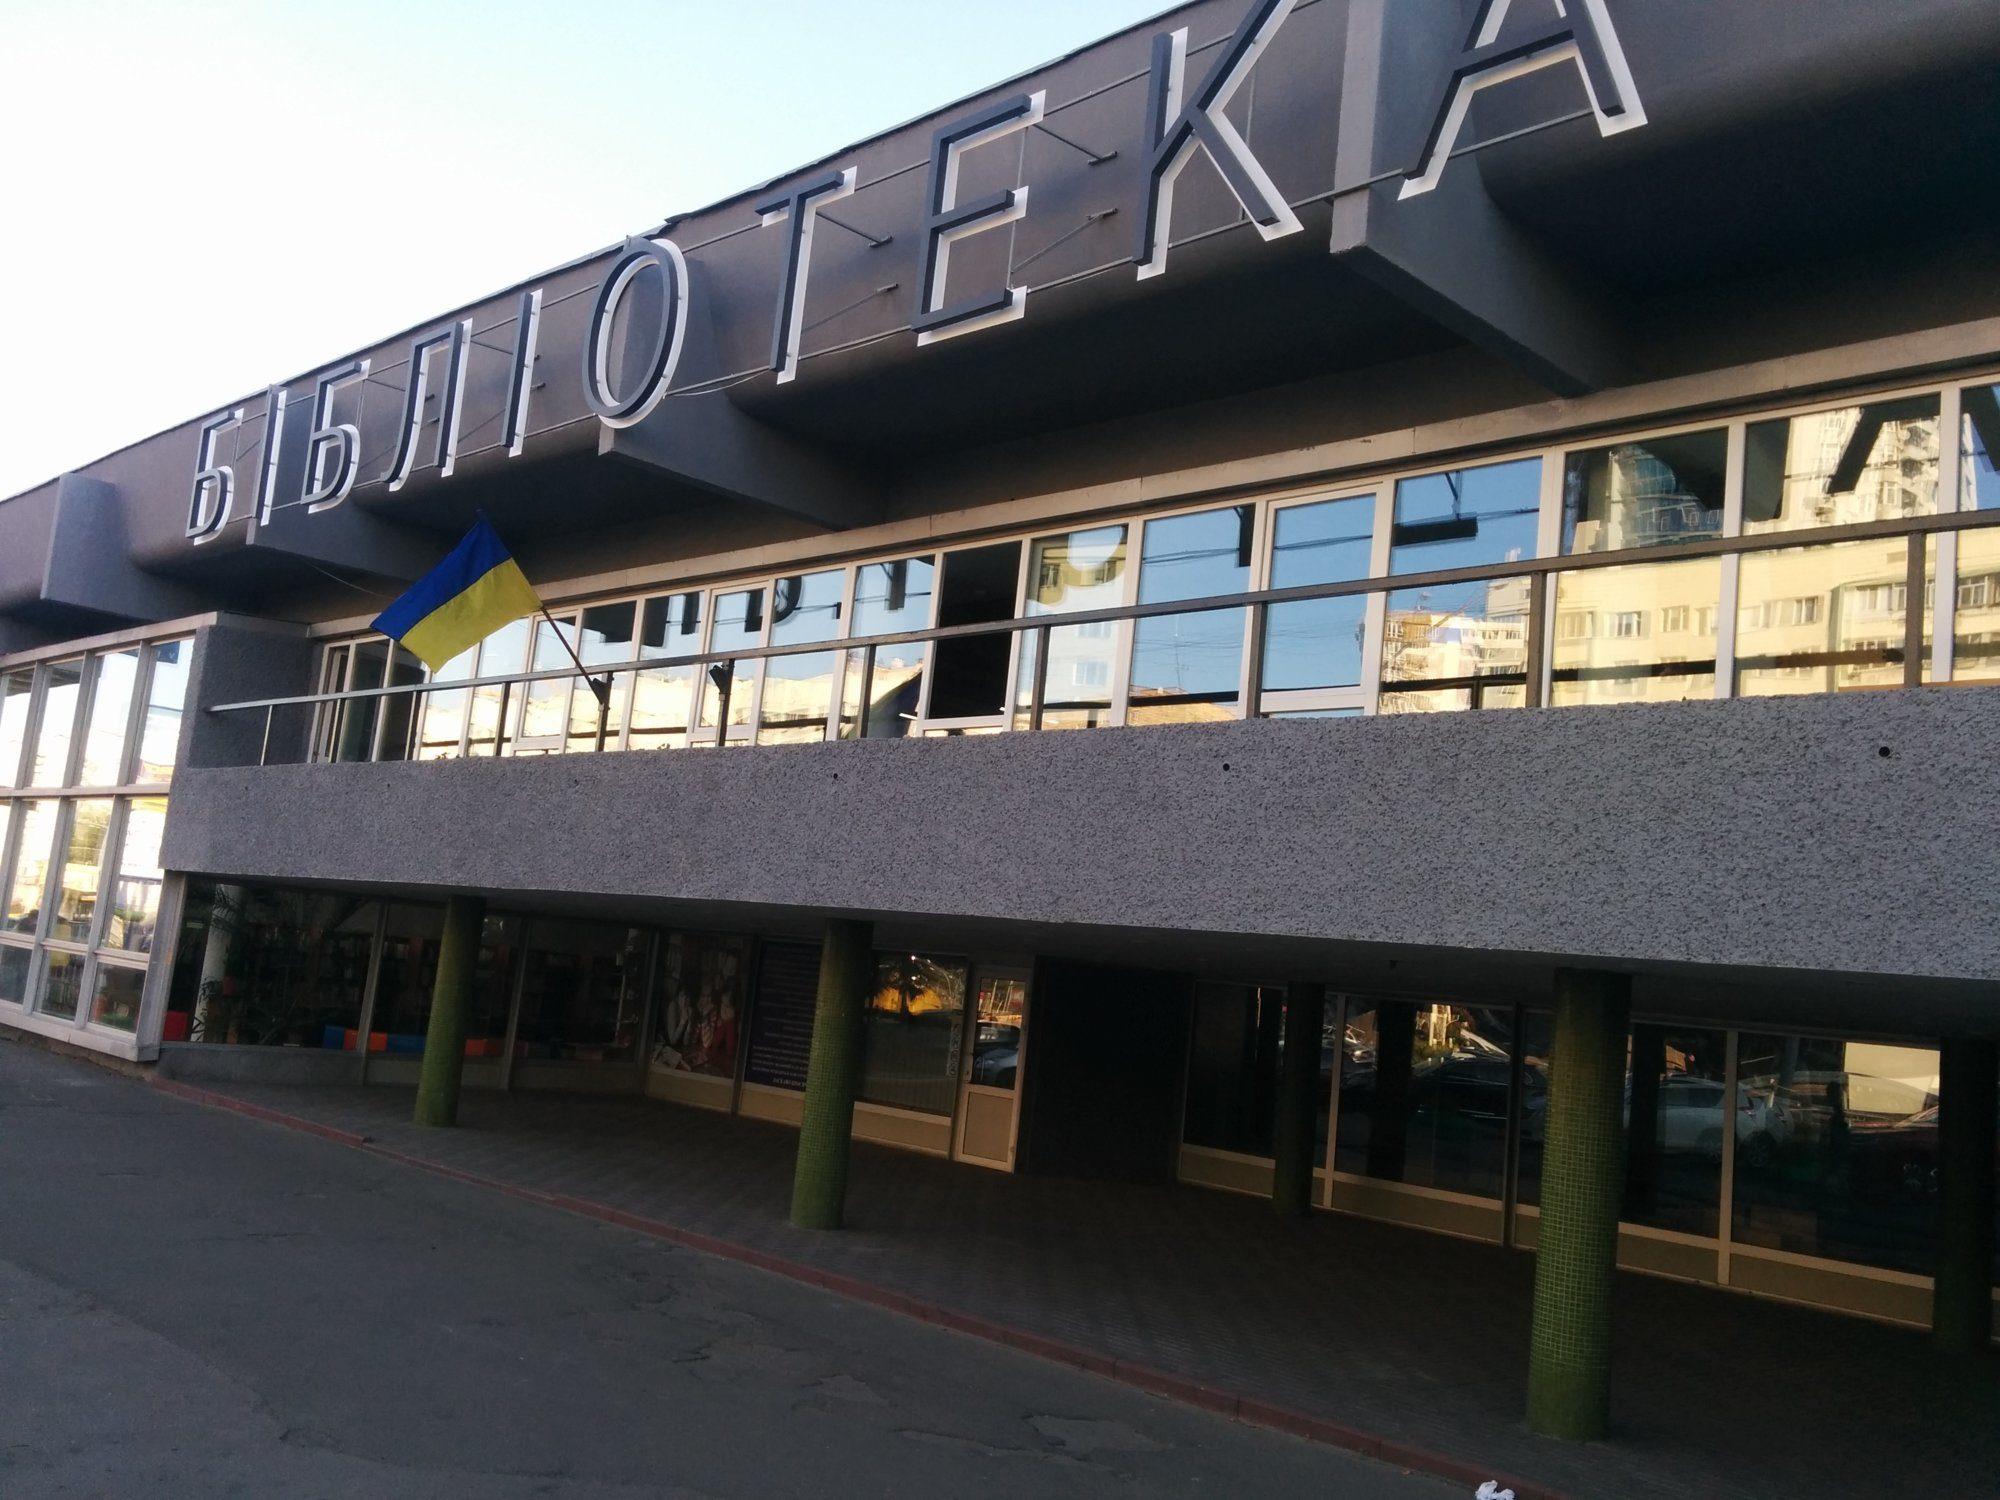 Центральна бібліотека імені Шевченка для дітей знаходиться в унікальній київській будівлі - ювілей, київщина, Київ - 1210 Bib3 2000x1500